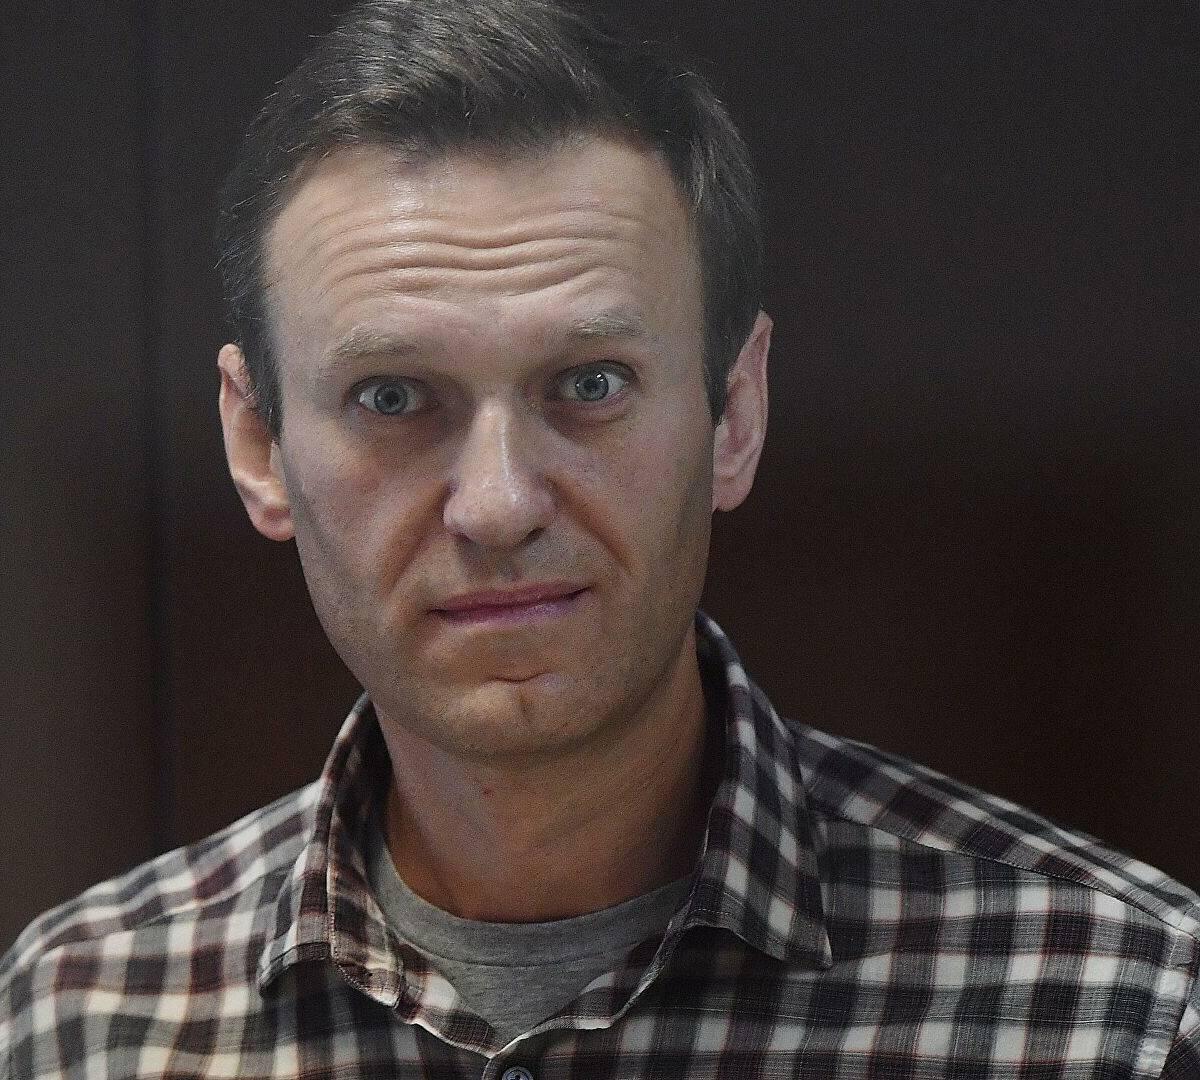 Соратники Навального разочарованы: санкции не оправдали их надежд